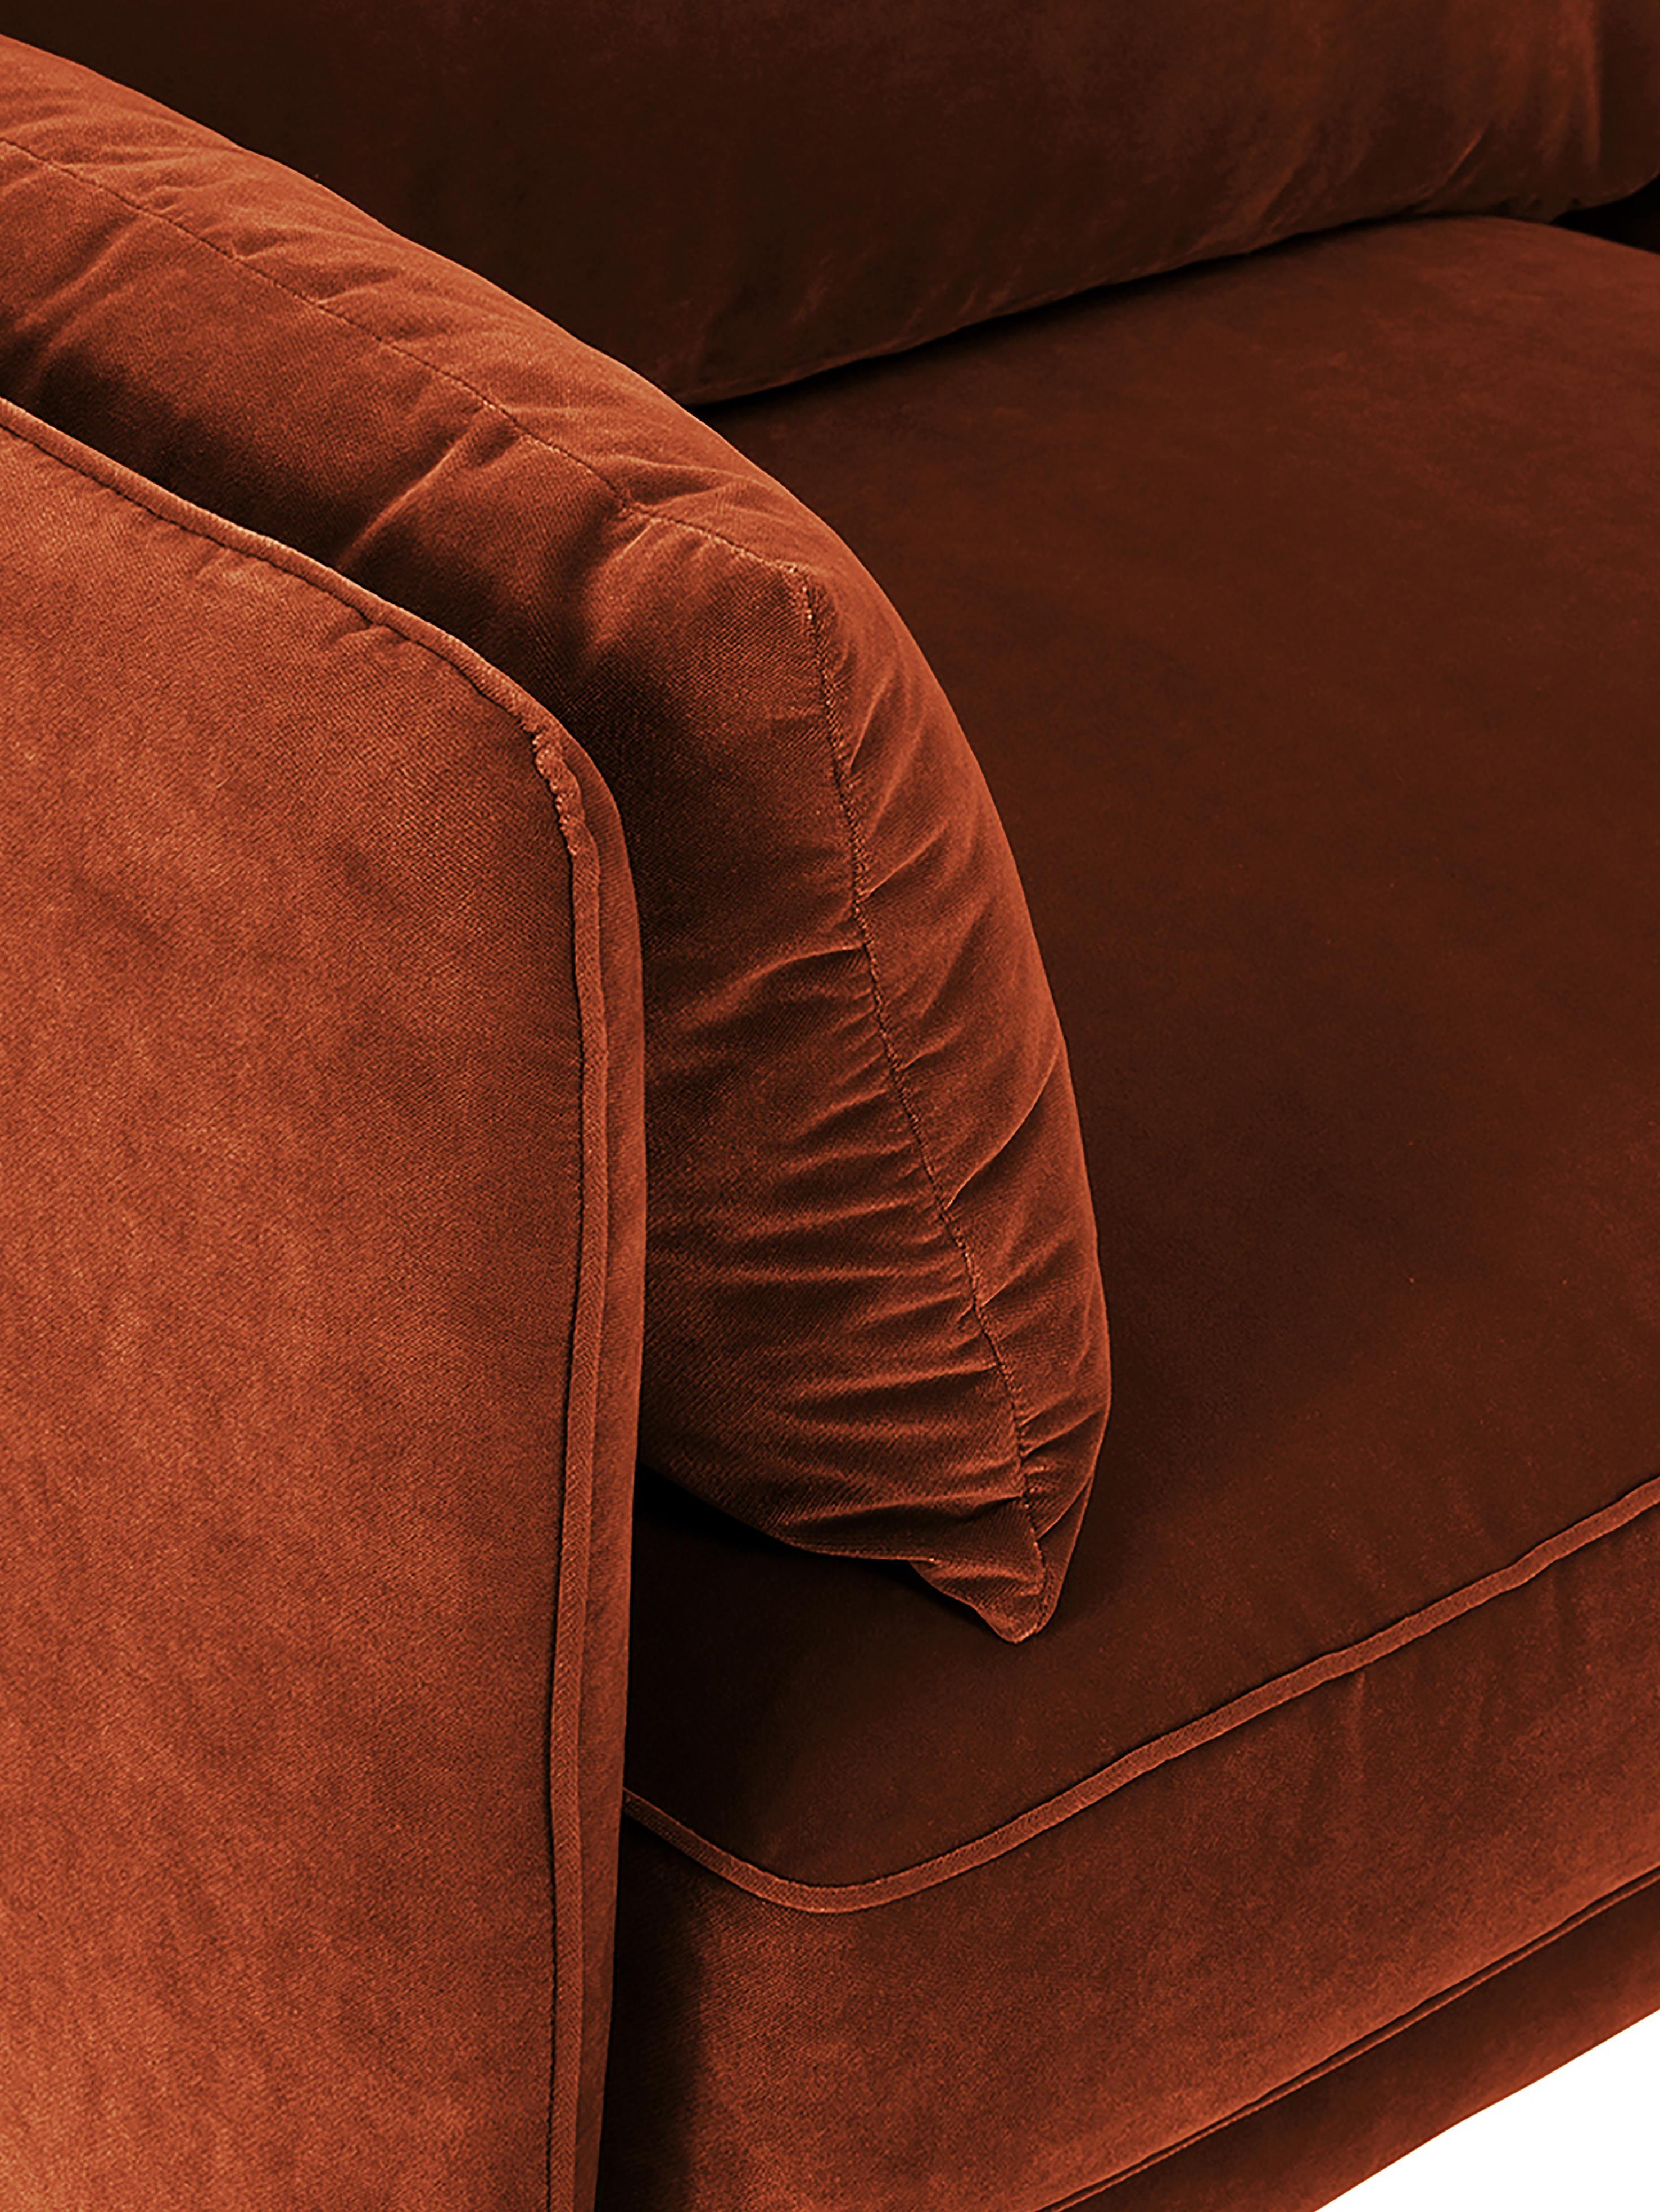 Sofá de terciopelo Paola (3plazas), Tapizado: terciopelo (poliéster) 70, Estructura: madera de abeto maciza, a, Patas: madera de abeto pintada, Rojo cobrizo, An 209 x F 95 cm